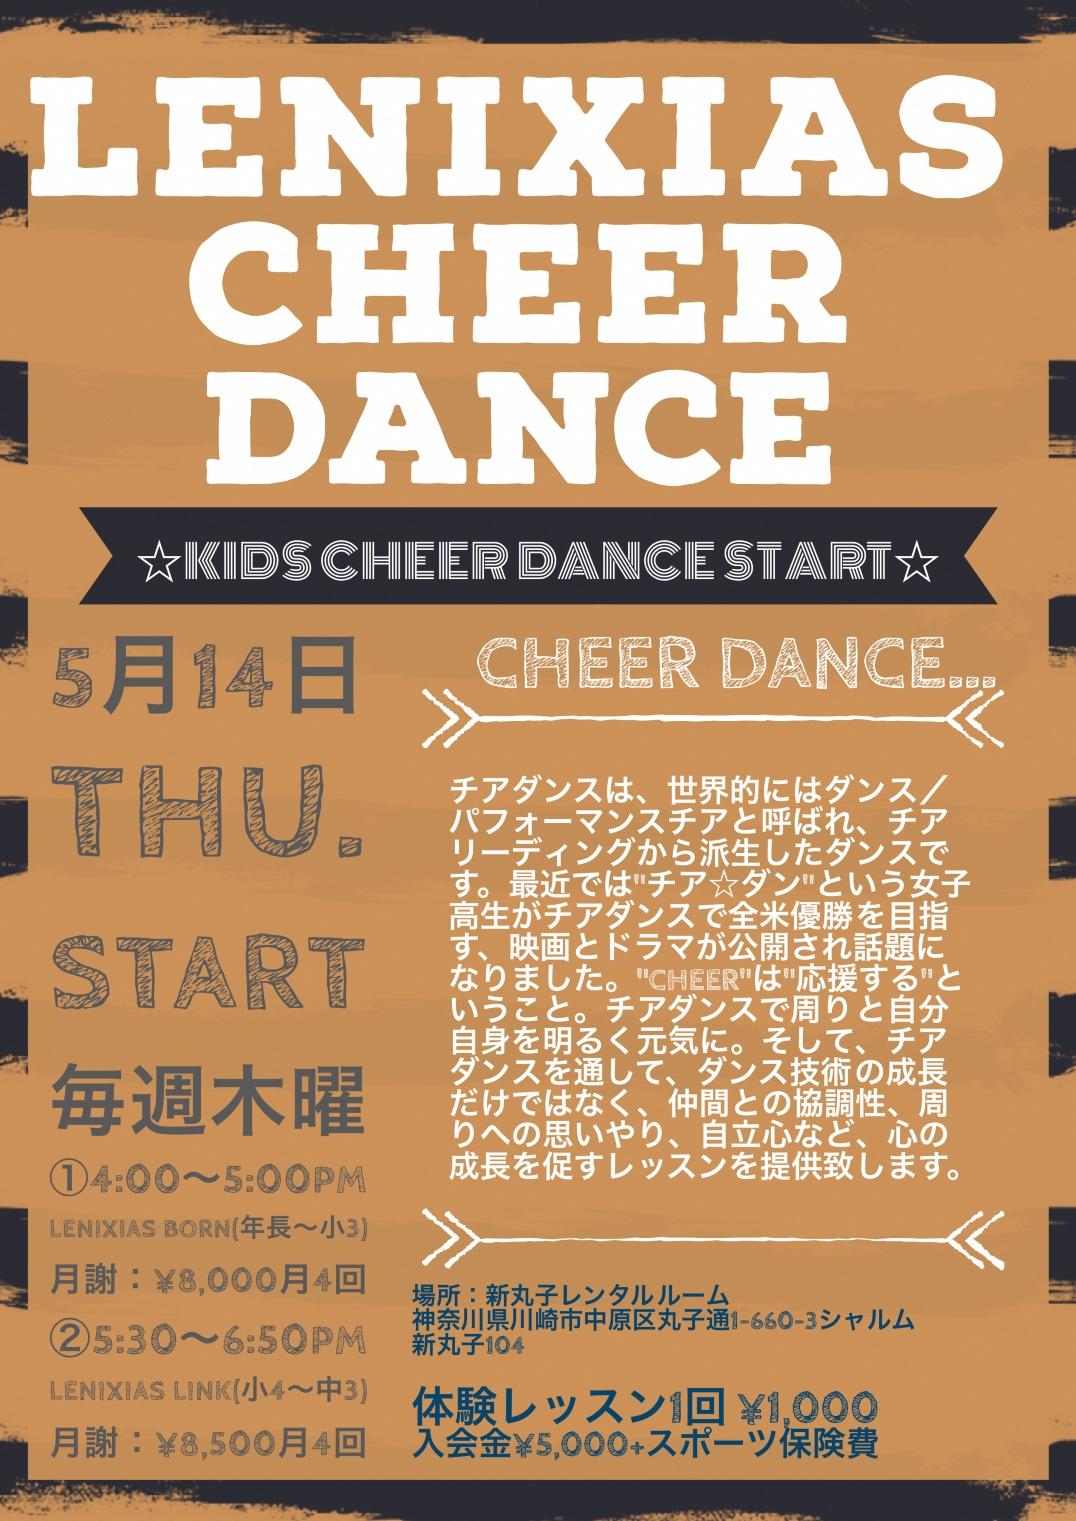 チアダンス教室「Lenixias Cheer Dance(レニシャス)」